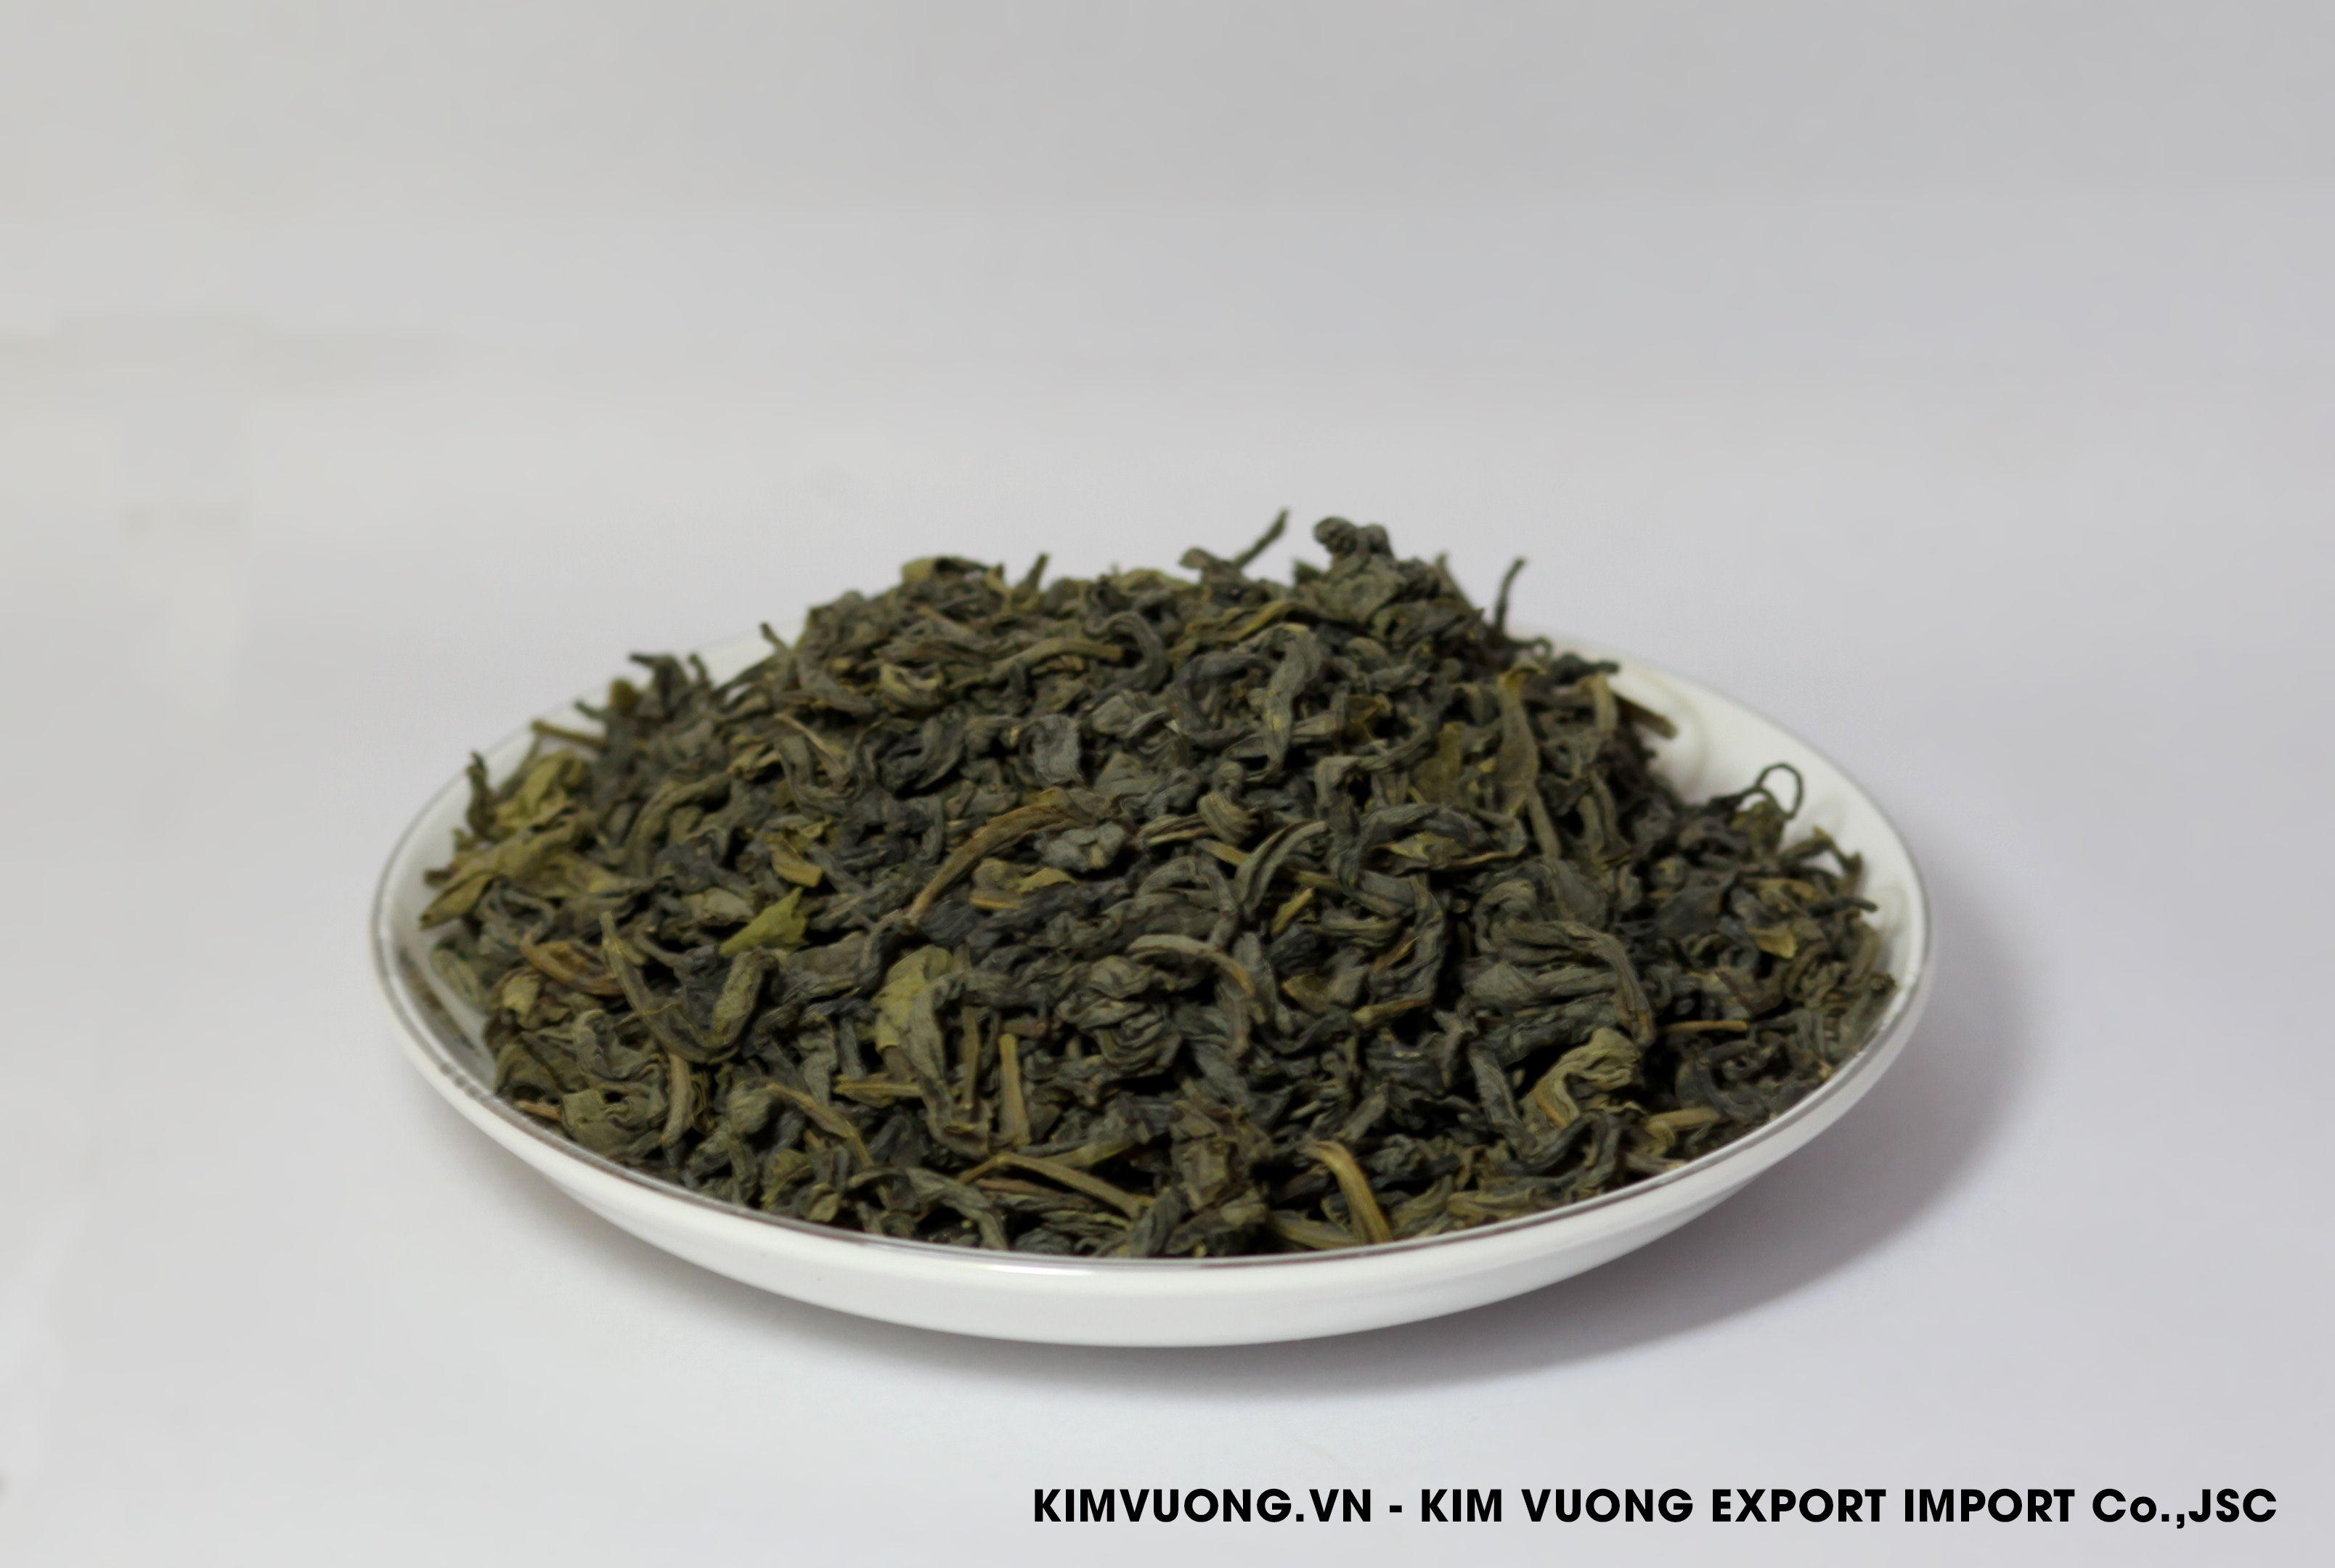 Green tea OP 595 exports  - KIM VUONG EXPORT IMPORT Co.,JSC